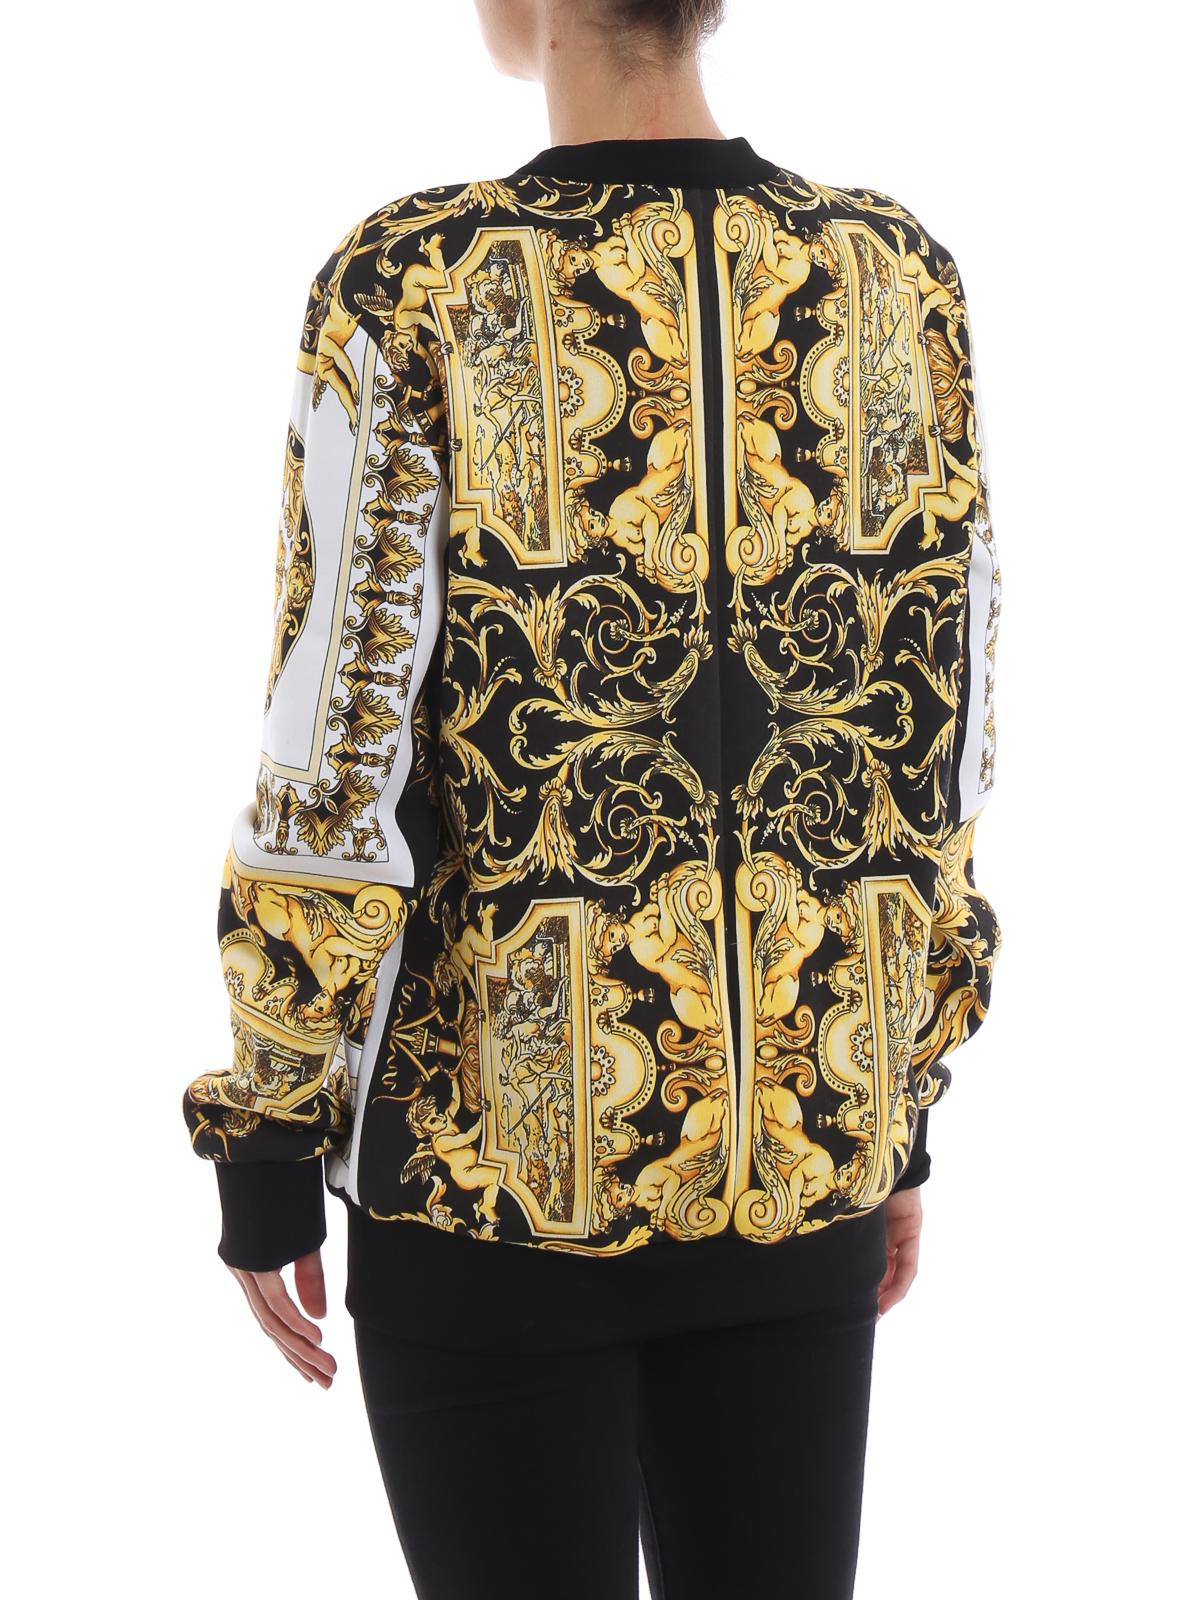 3113ba2c265d Versace - Felpa in cotone con stampa barocca - Felpe e maglie ...